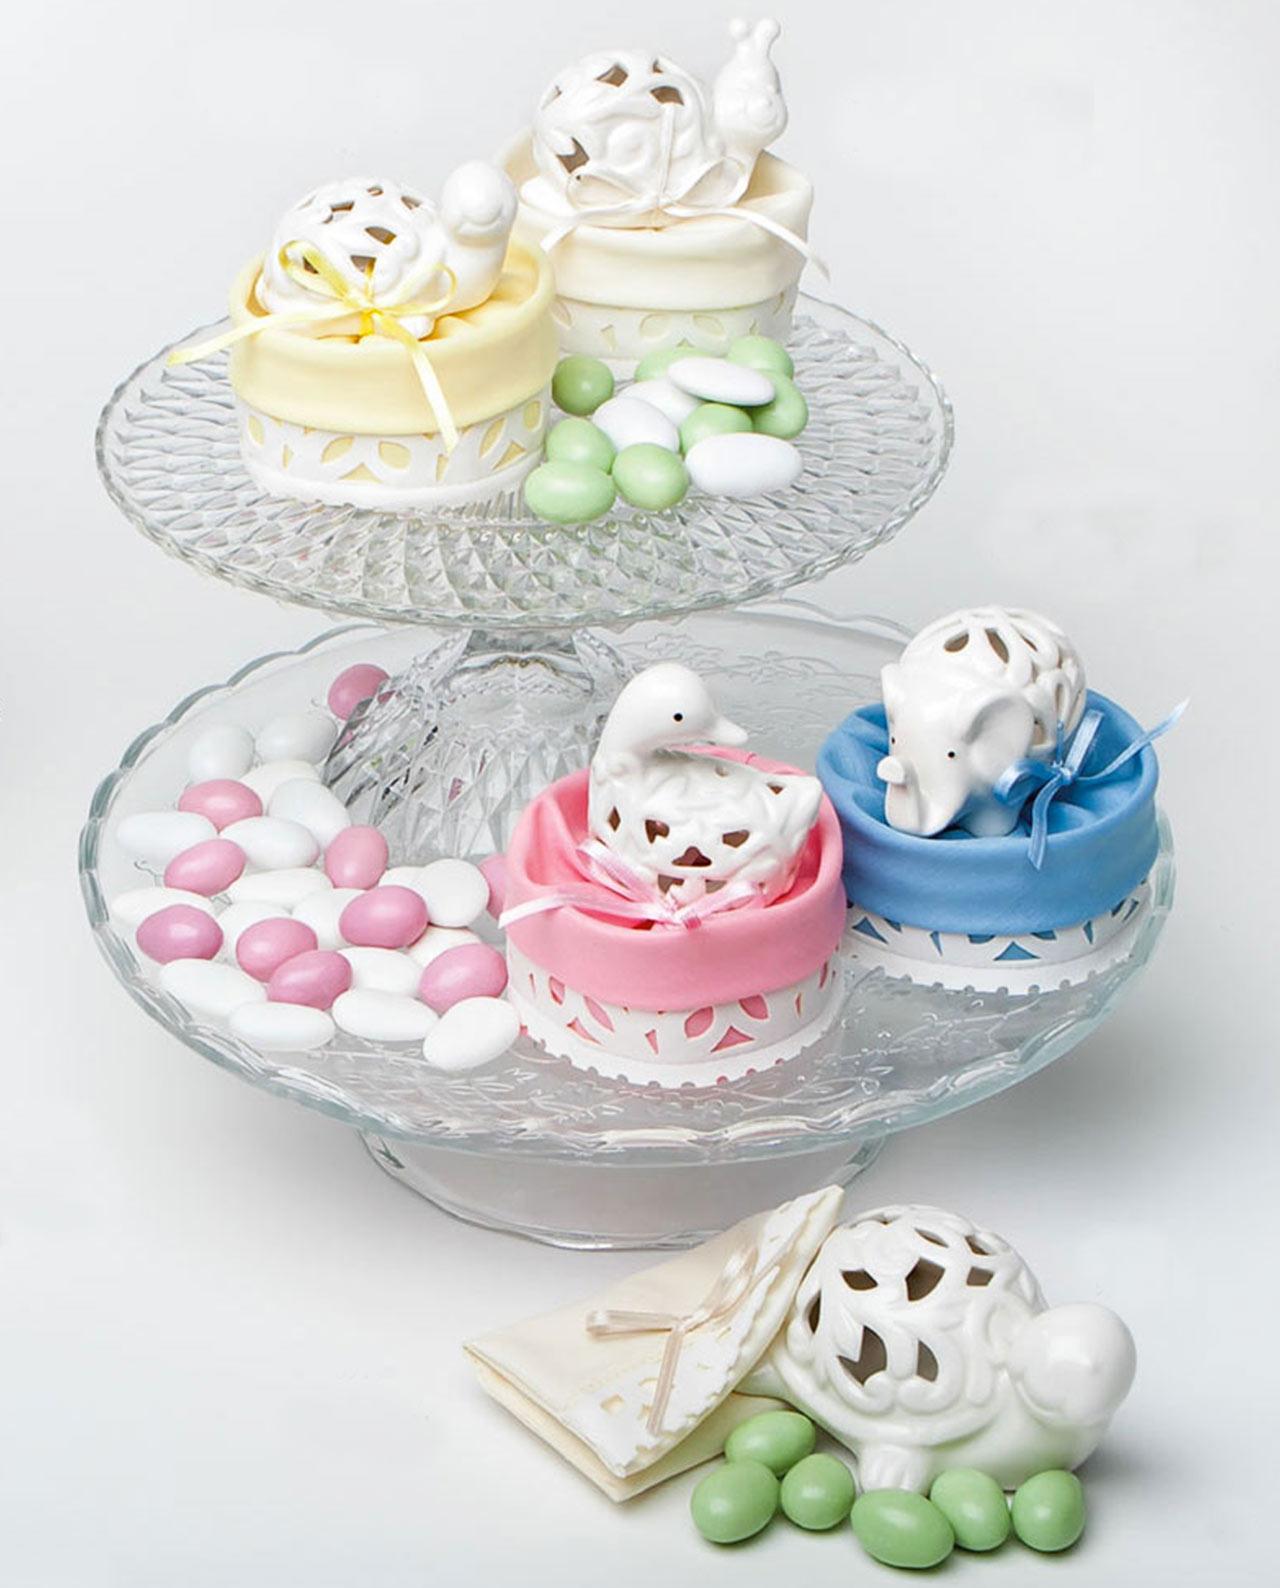 bomboniere battesimo animali in ceramica su sacchetto colorato